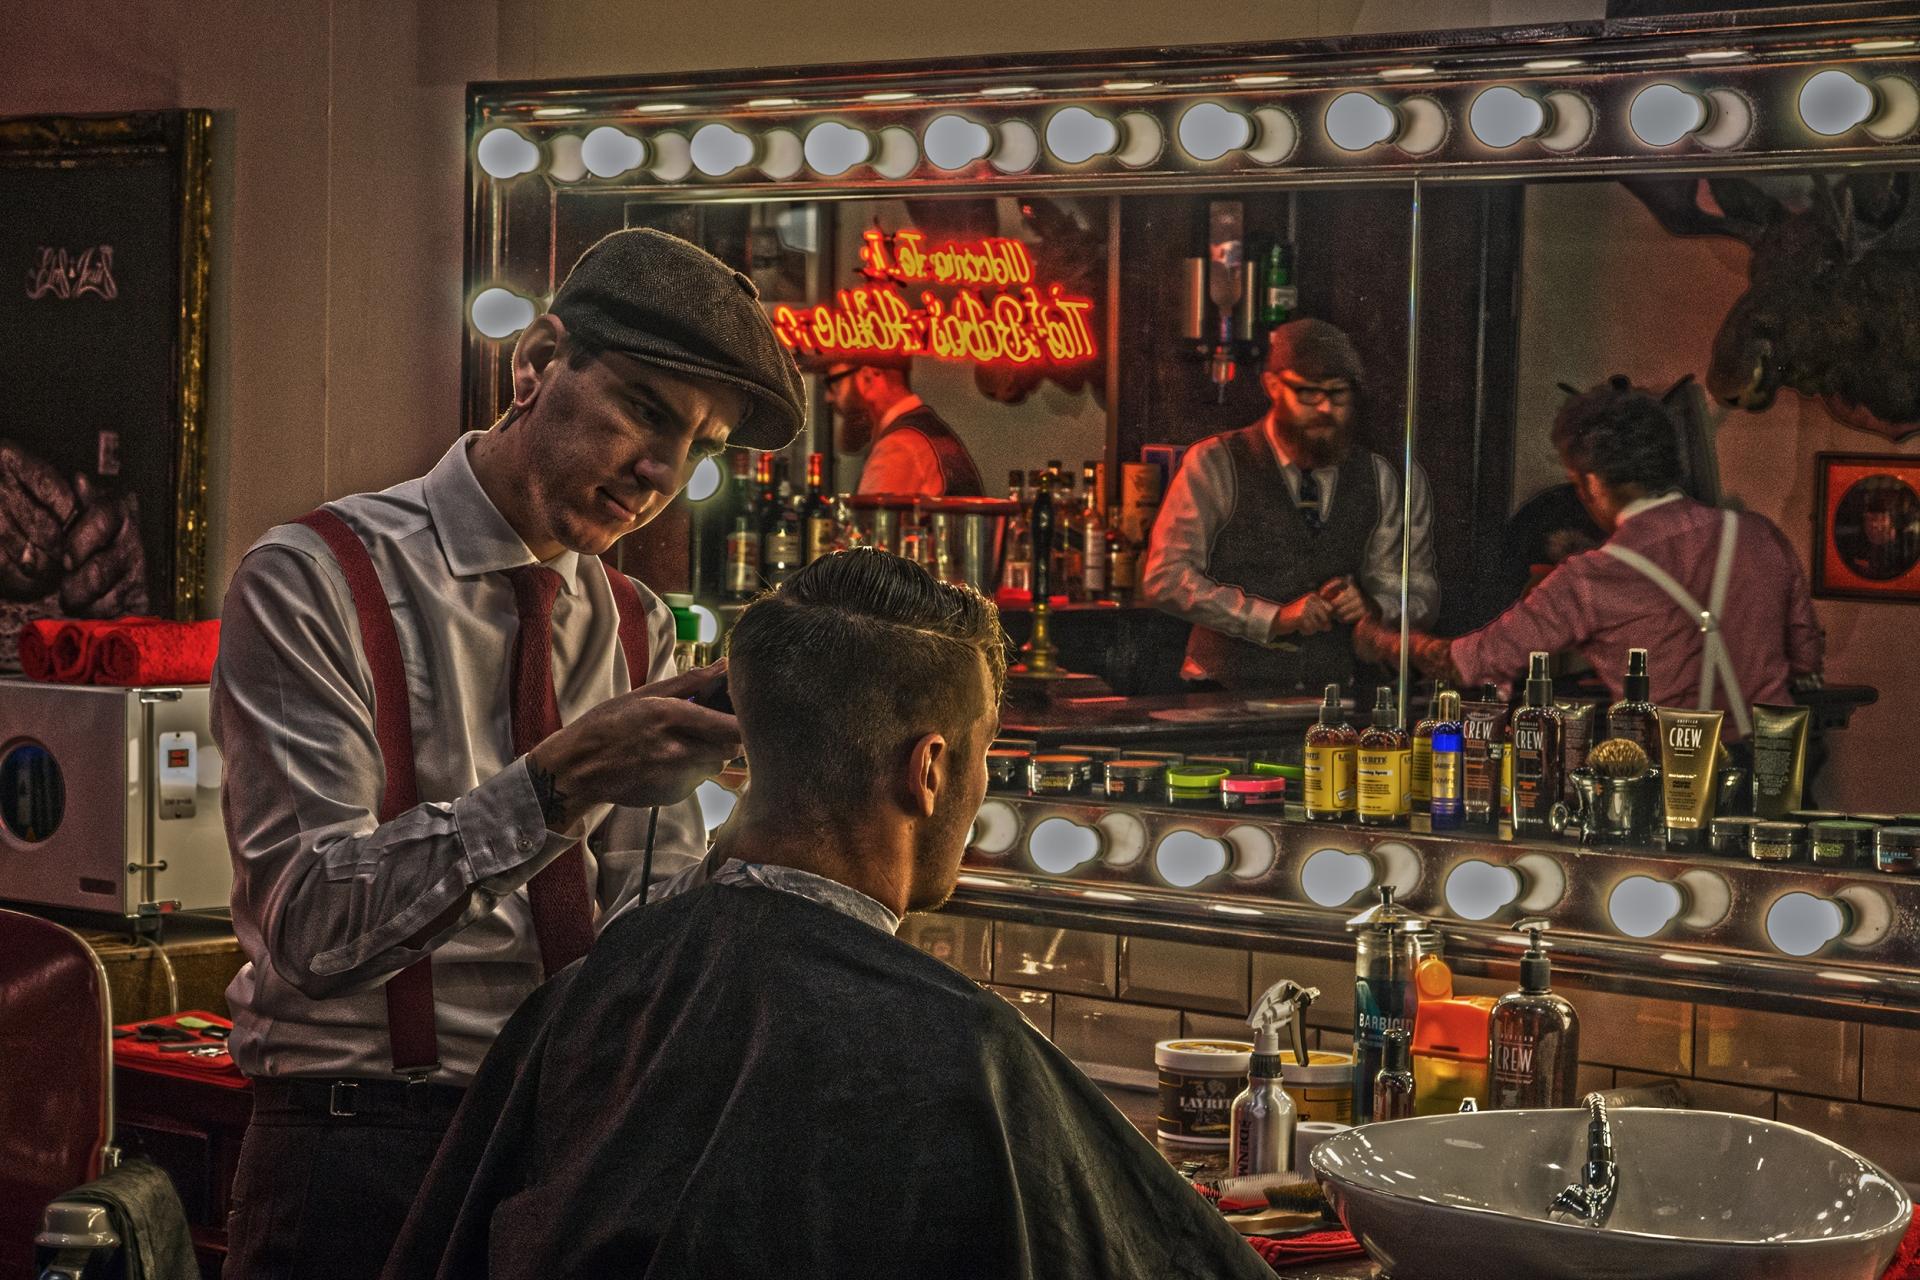 Barber barber jazzmouse